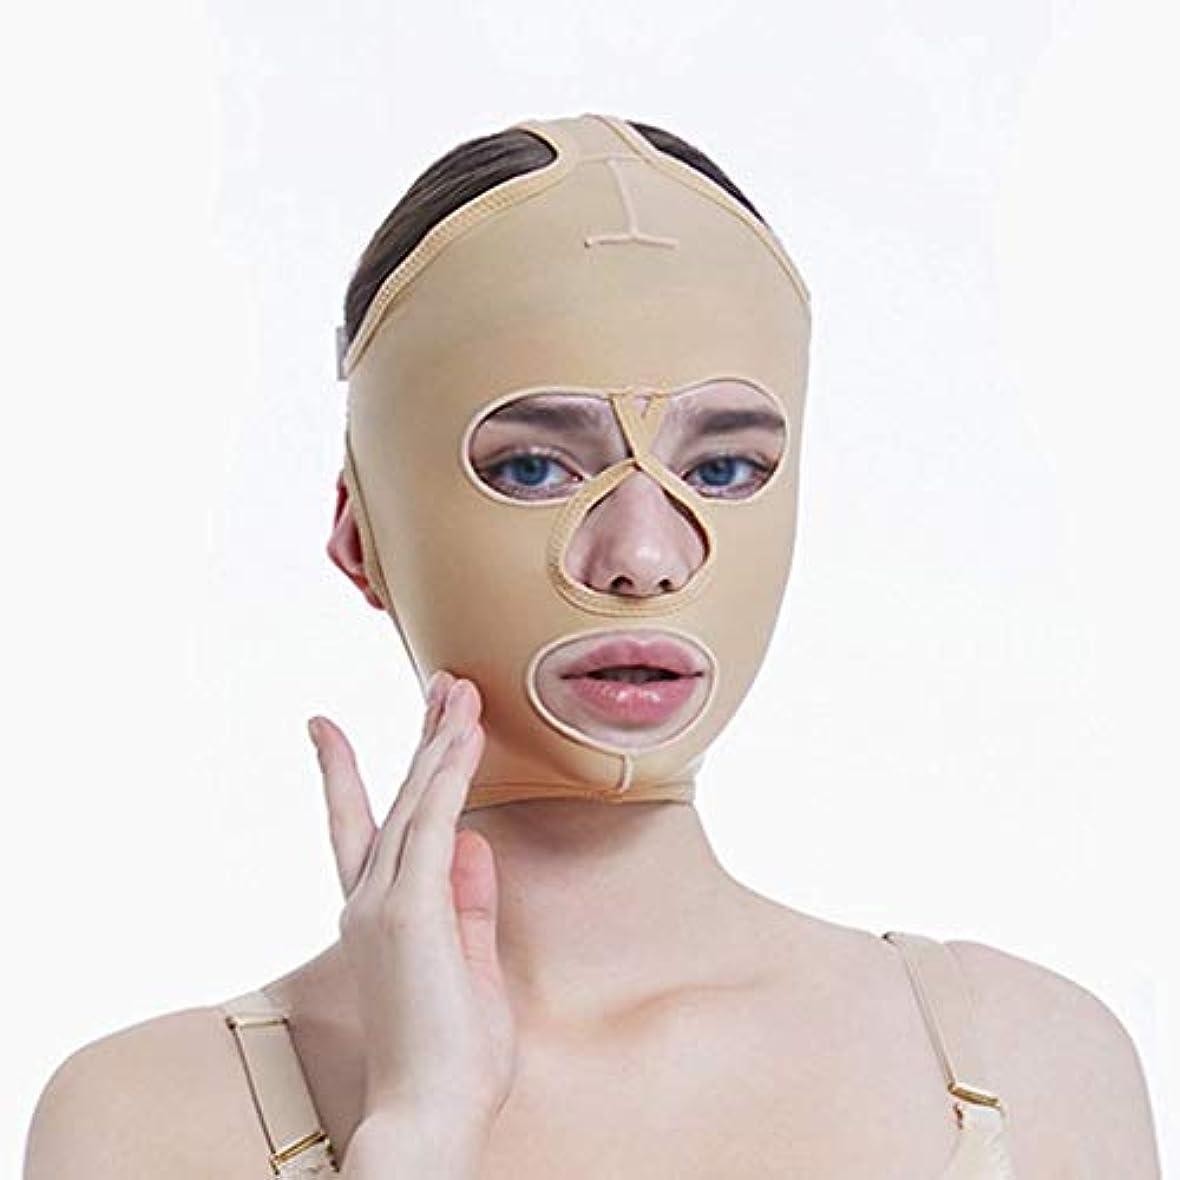 標高強度貫入チンリフティングベルト、超薄型ベルト、引き締めマスク、包帯吊り、フェイスリフティングマスク、超薄型ベルト、通気性(サイズ:L),XL